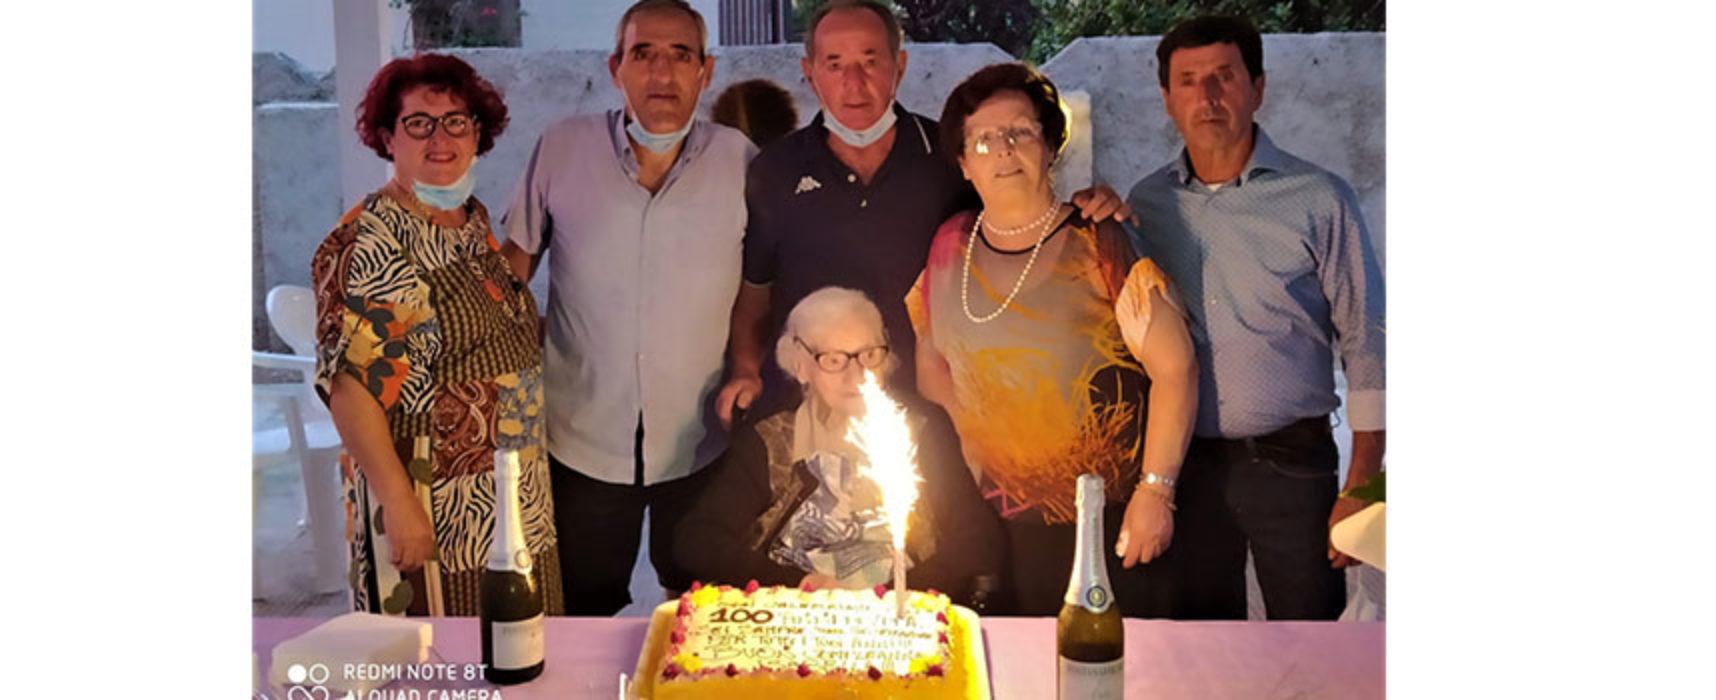 Bisceglie festeggia i 100 anni compiuti da Isabella Di Terlizzi